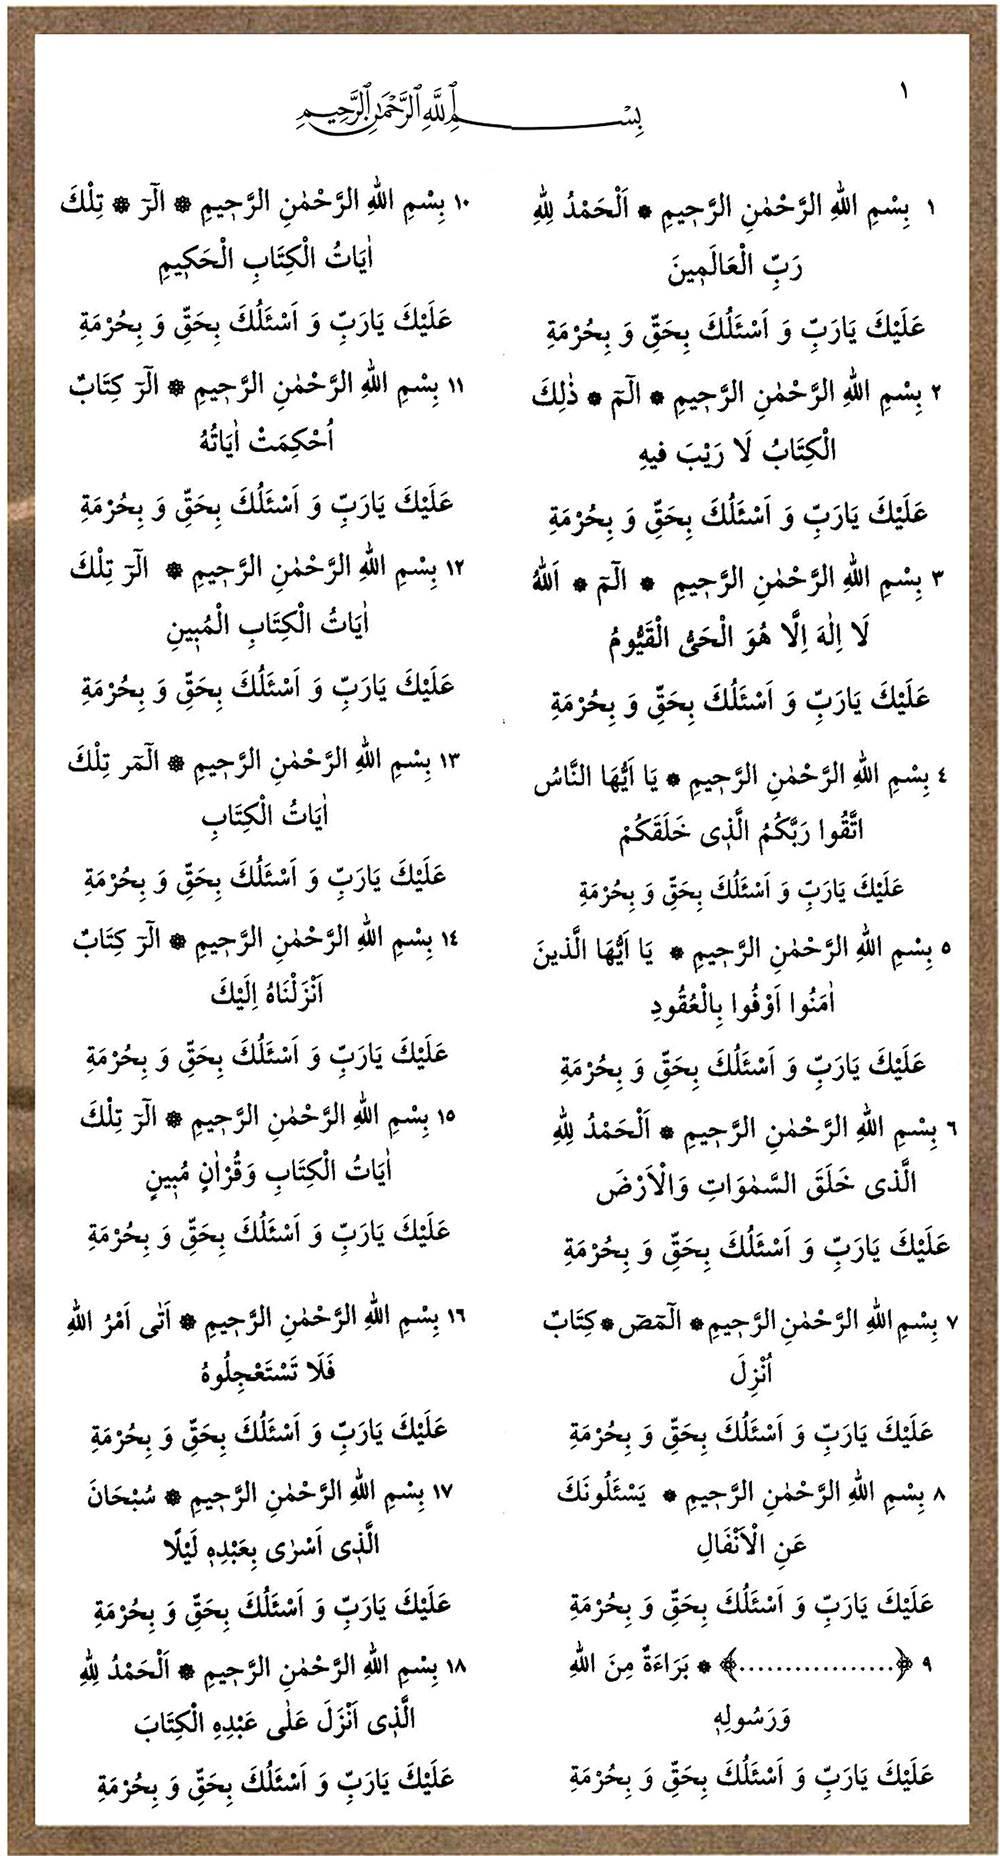 Hazret-i Ali'den Bedîüzzaman'a: Kenzül Arş duası 1